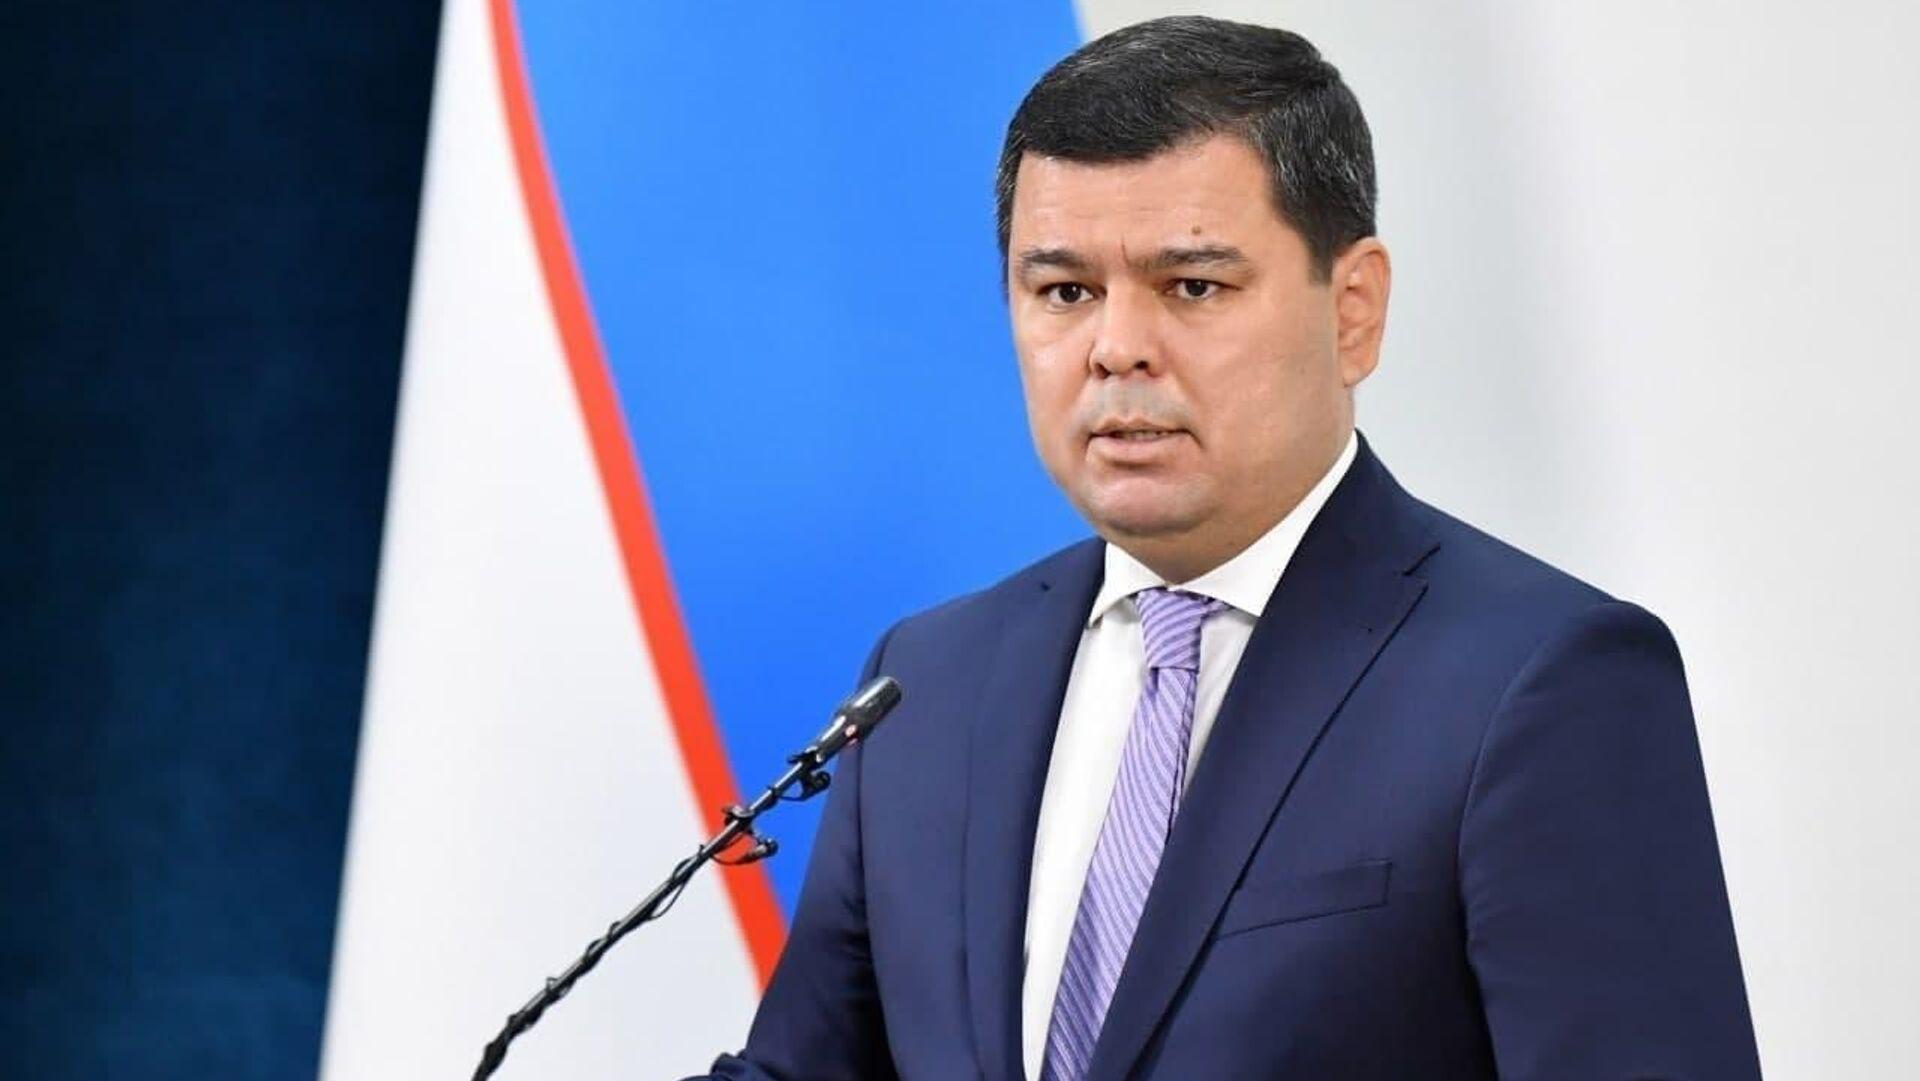 Пресс-секретарь президента Узбекистана, замглавы его администрации Шерзод Асадов - Sputnik Узбекистан, 1920, 21.06.2021